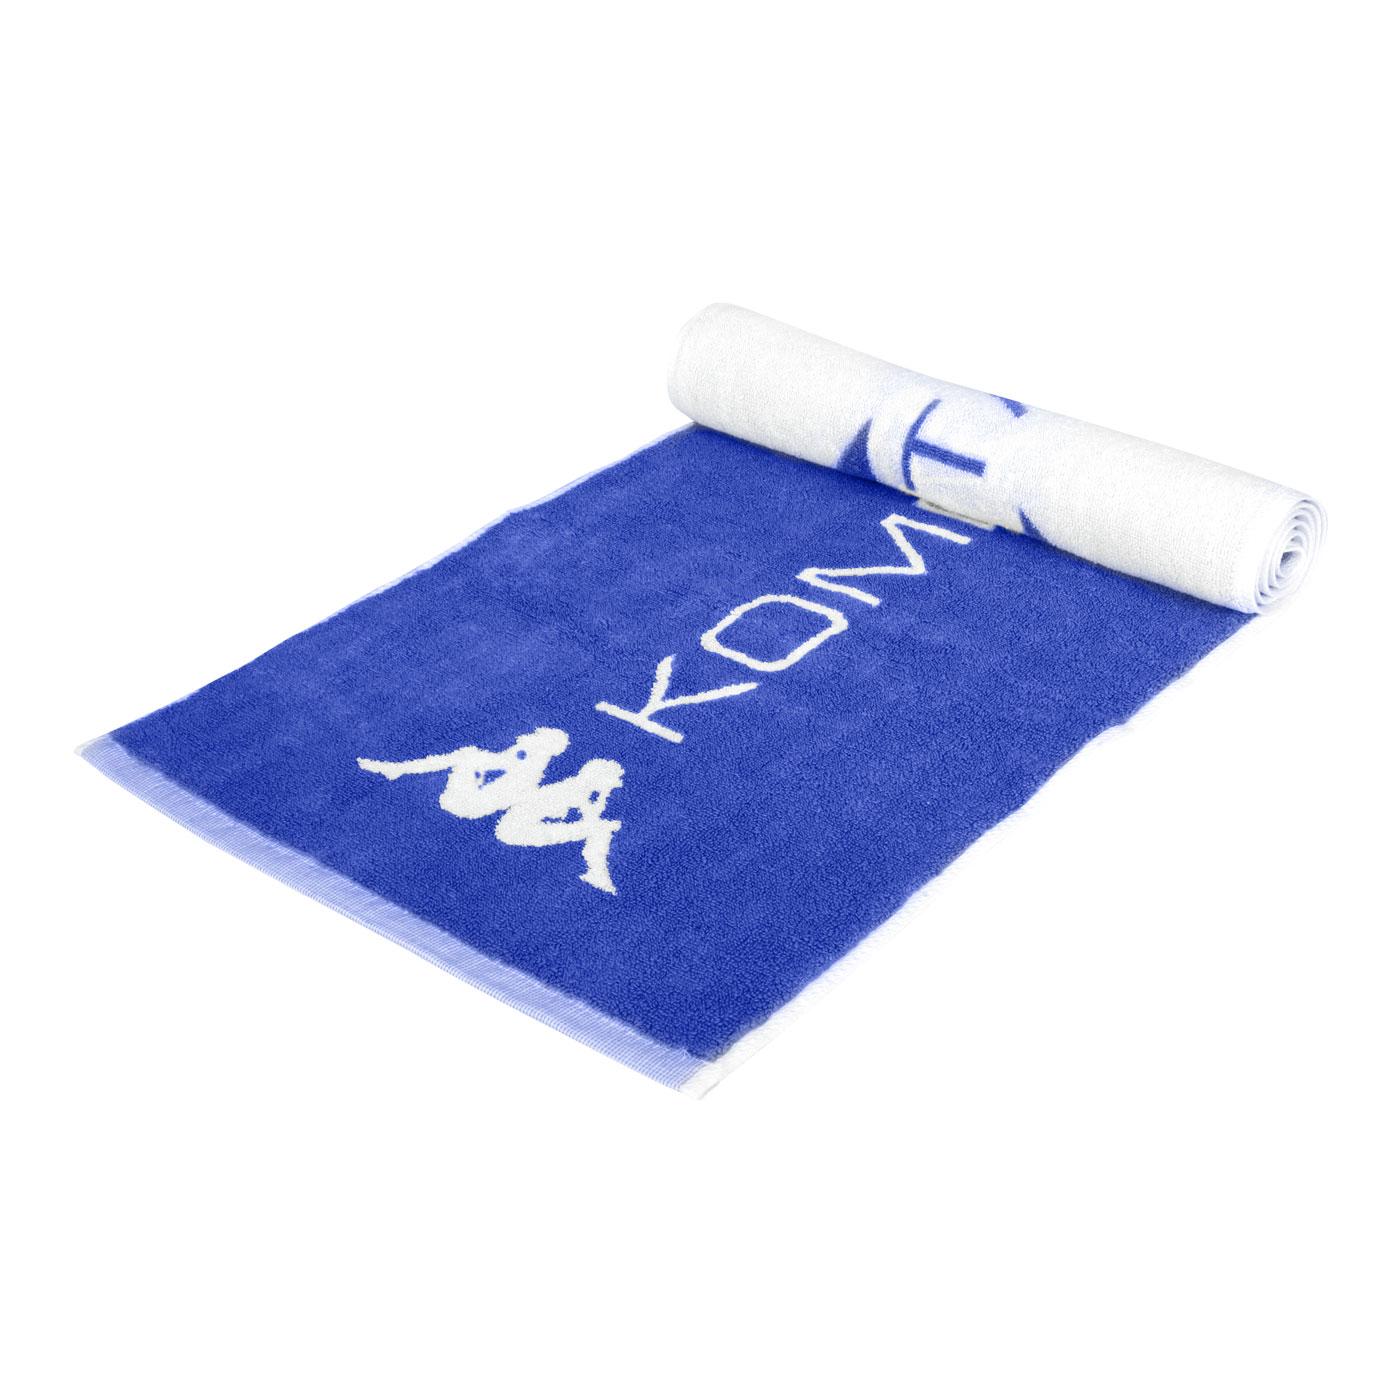 KAPPA 毛巾 351727W-X7F